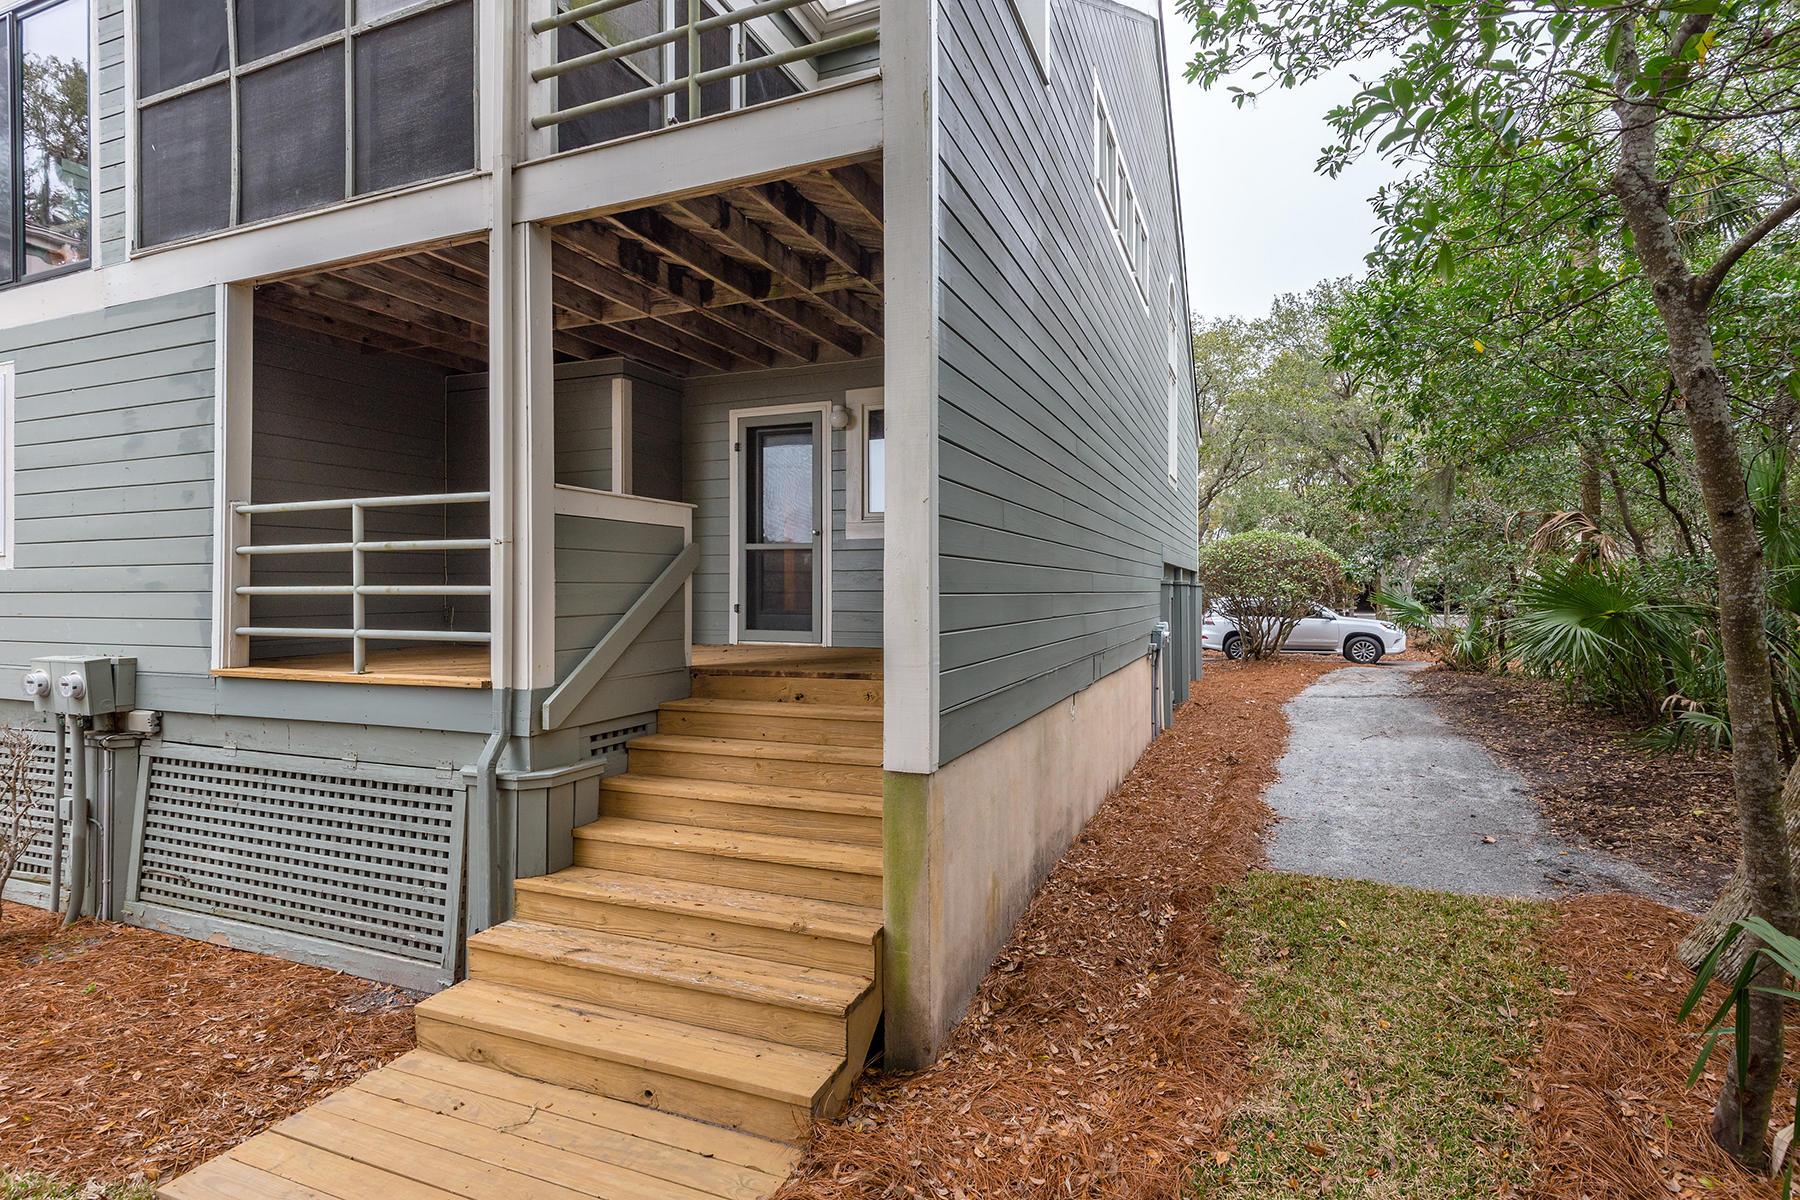 Seabrook Island Homes For Sale - 1701 Live Oak, Seabrook Island, SC - 10